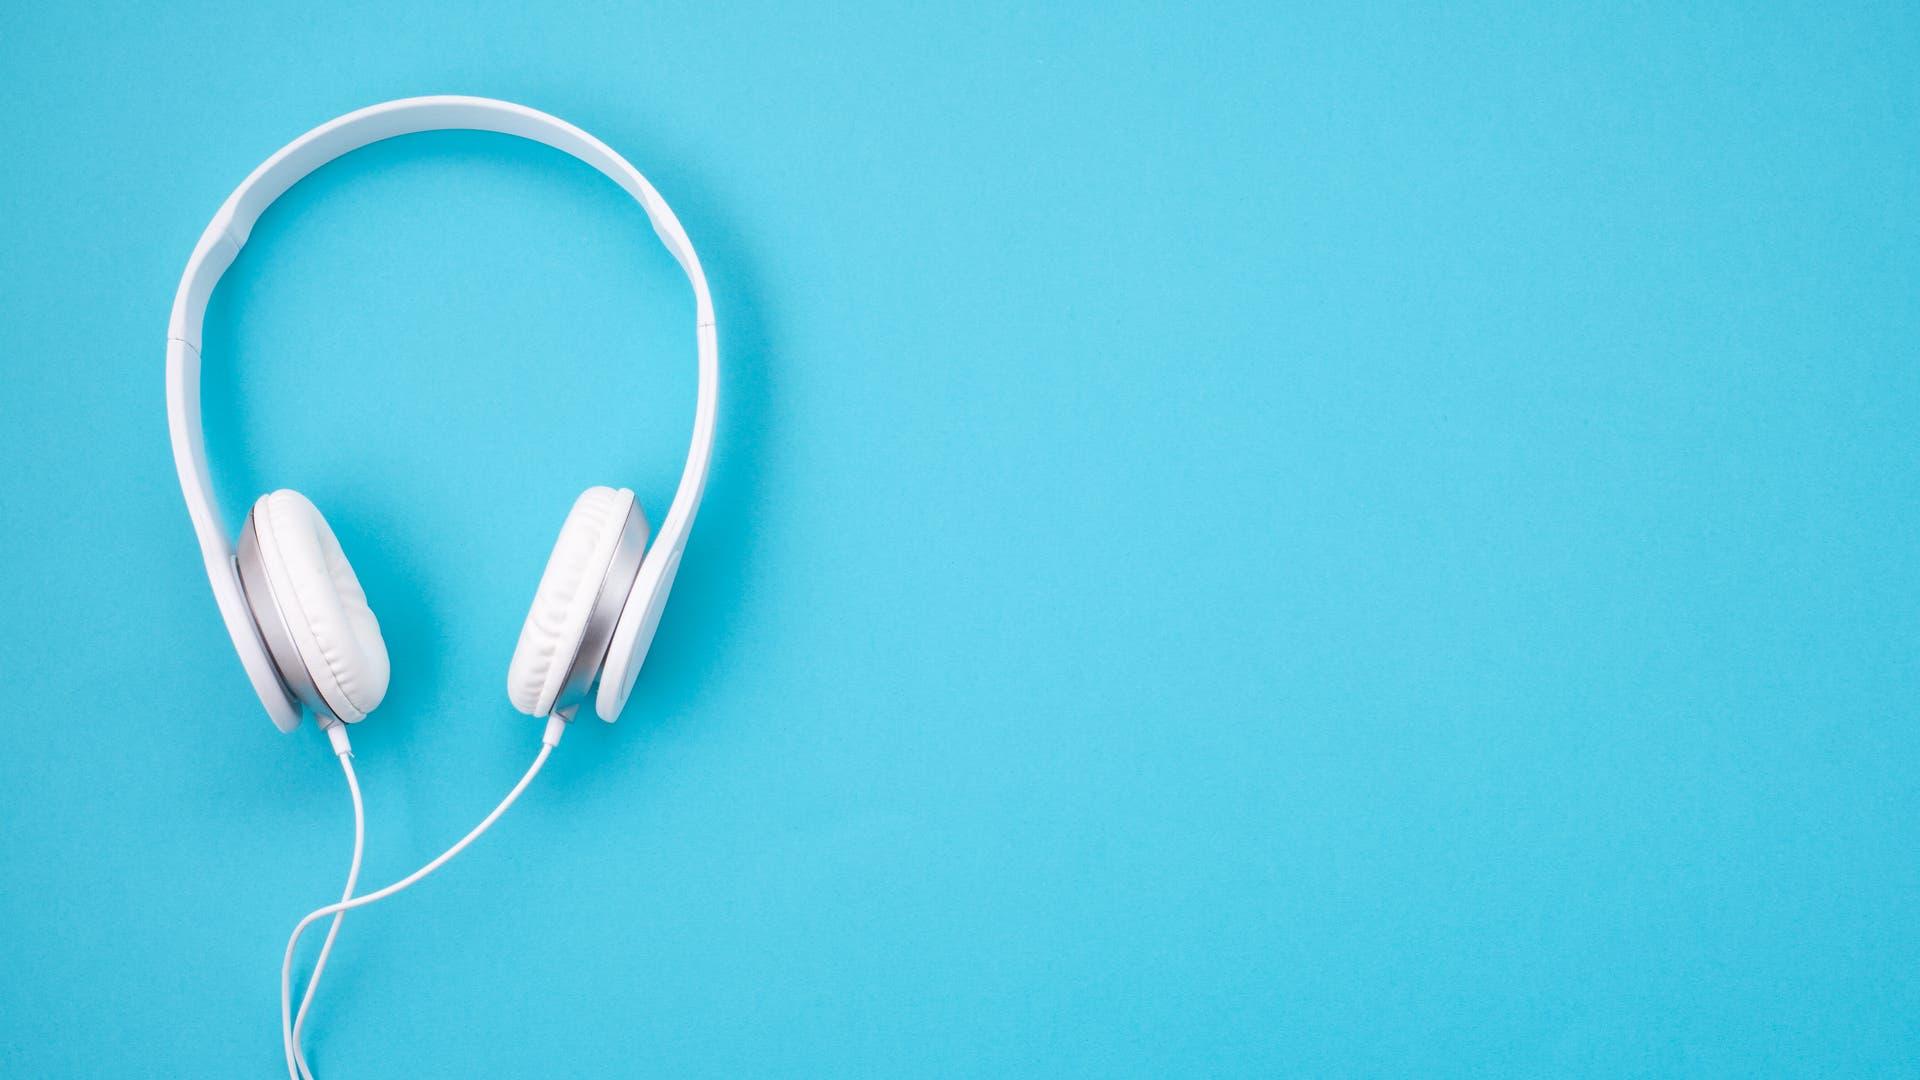 Weißer Kopfhörer vor blauem Hintergrund